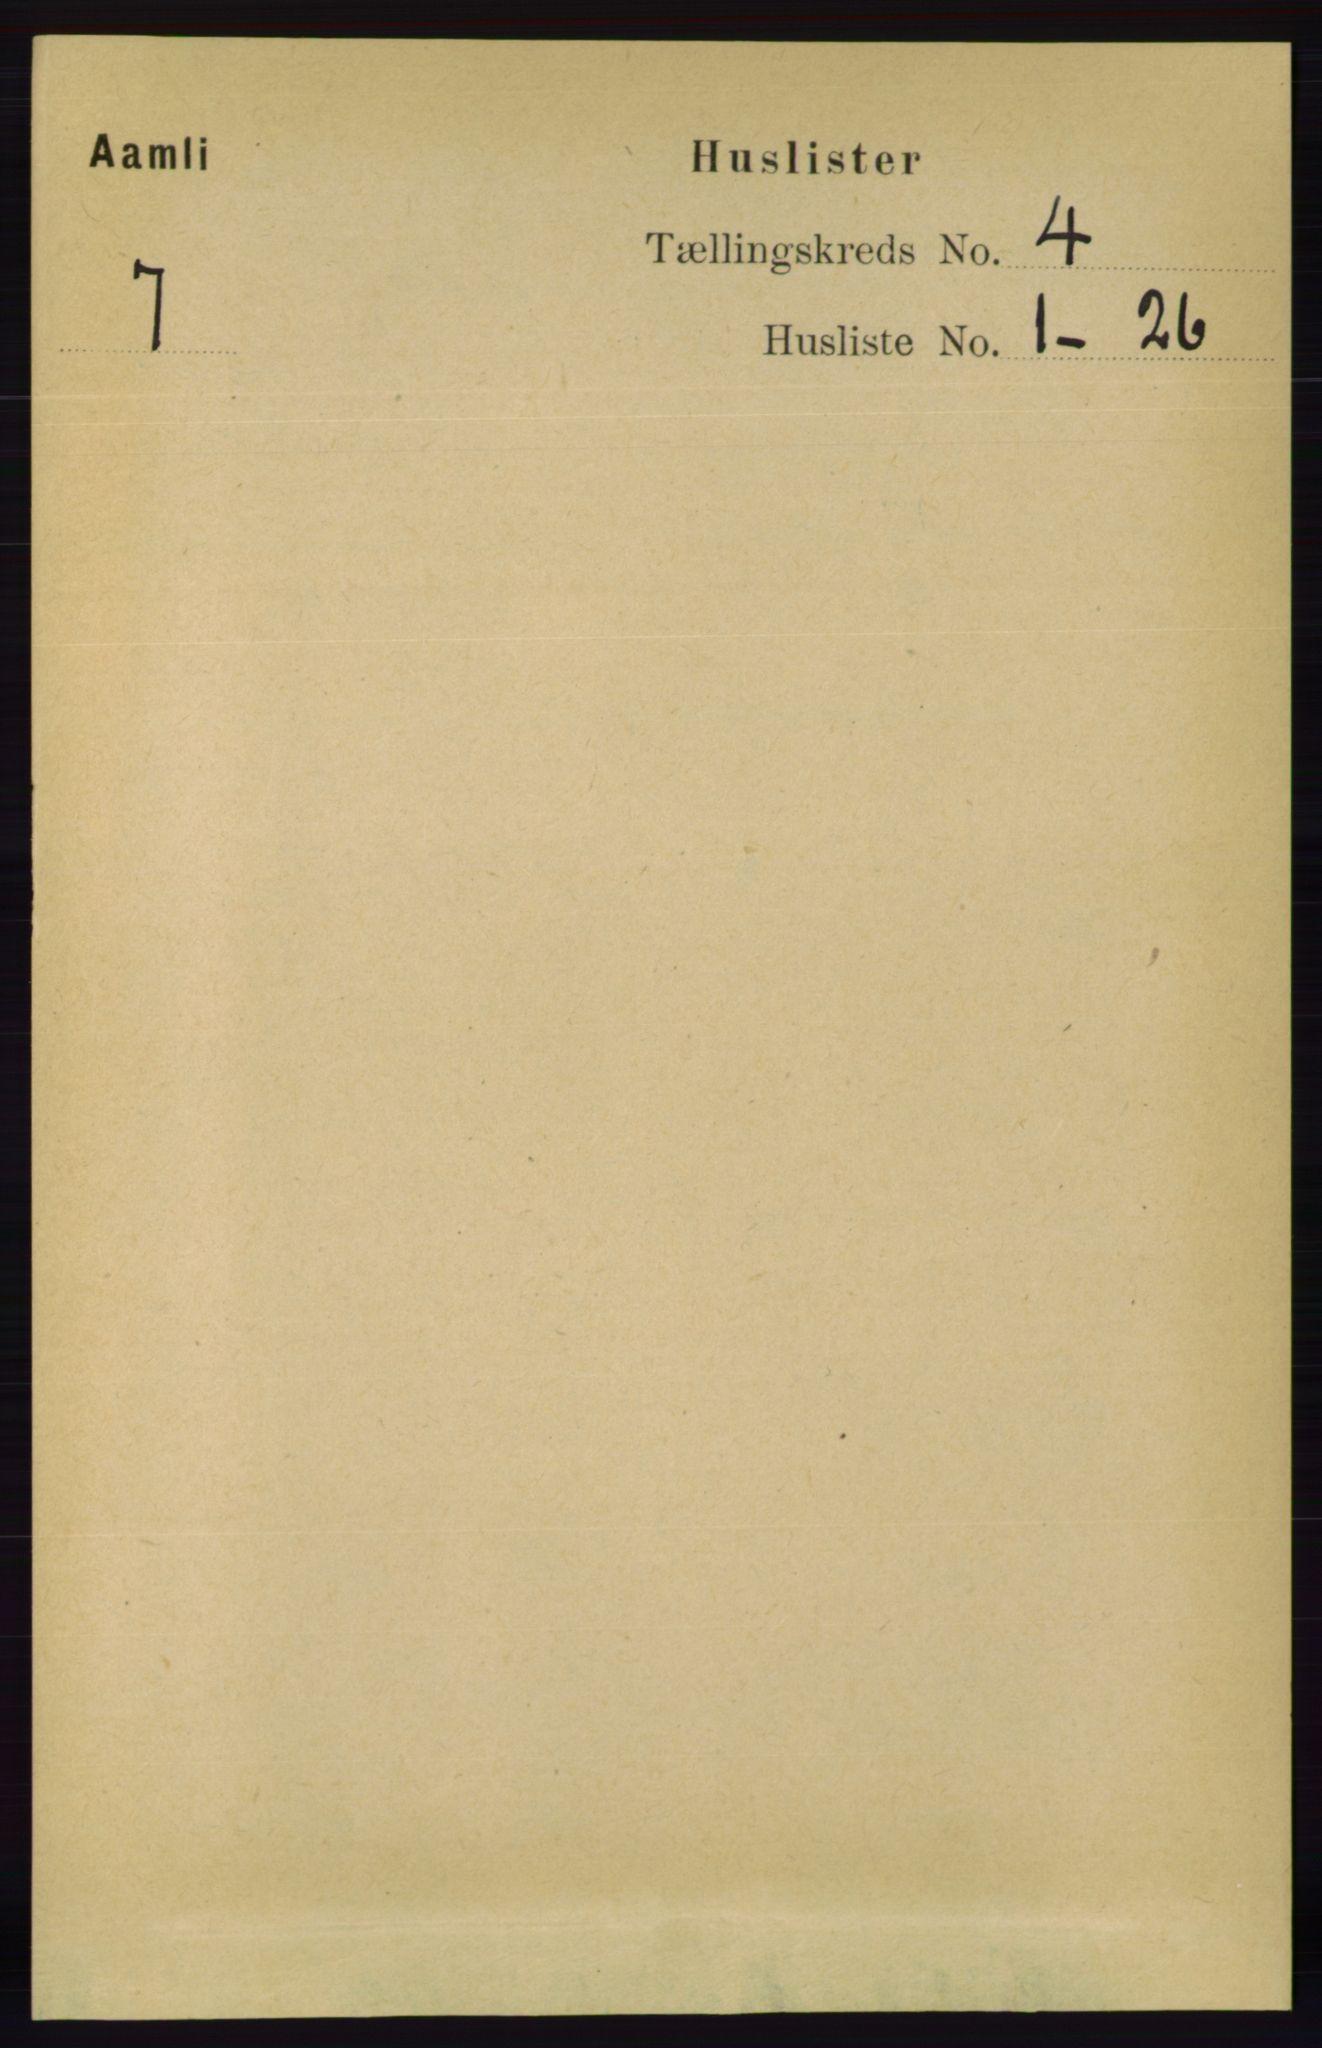 RA, Folketelling 1891 for 0929 Åmli herred, 1891, s. 410